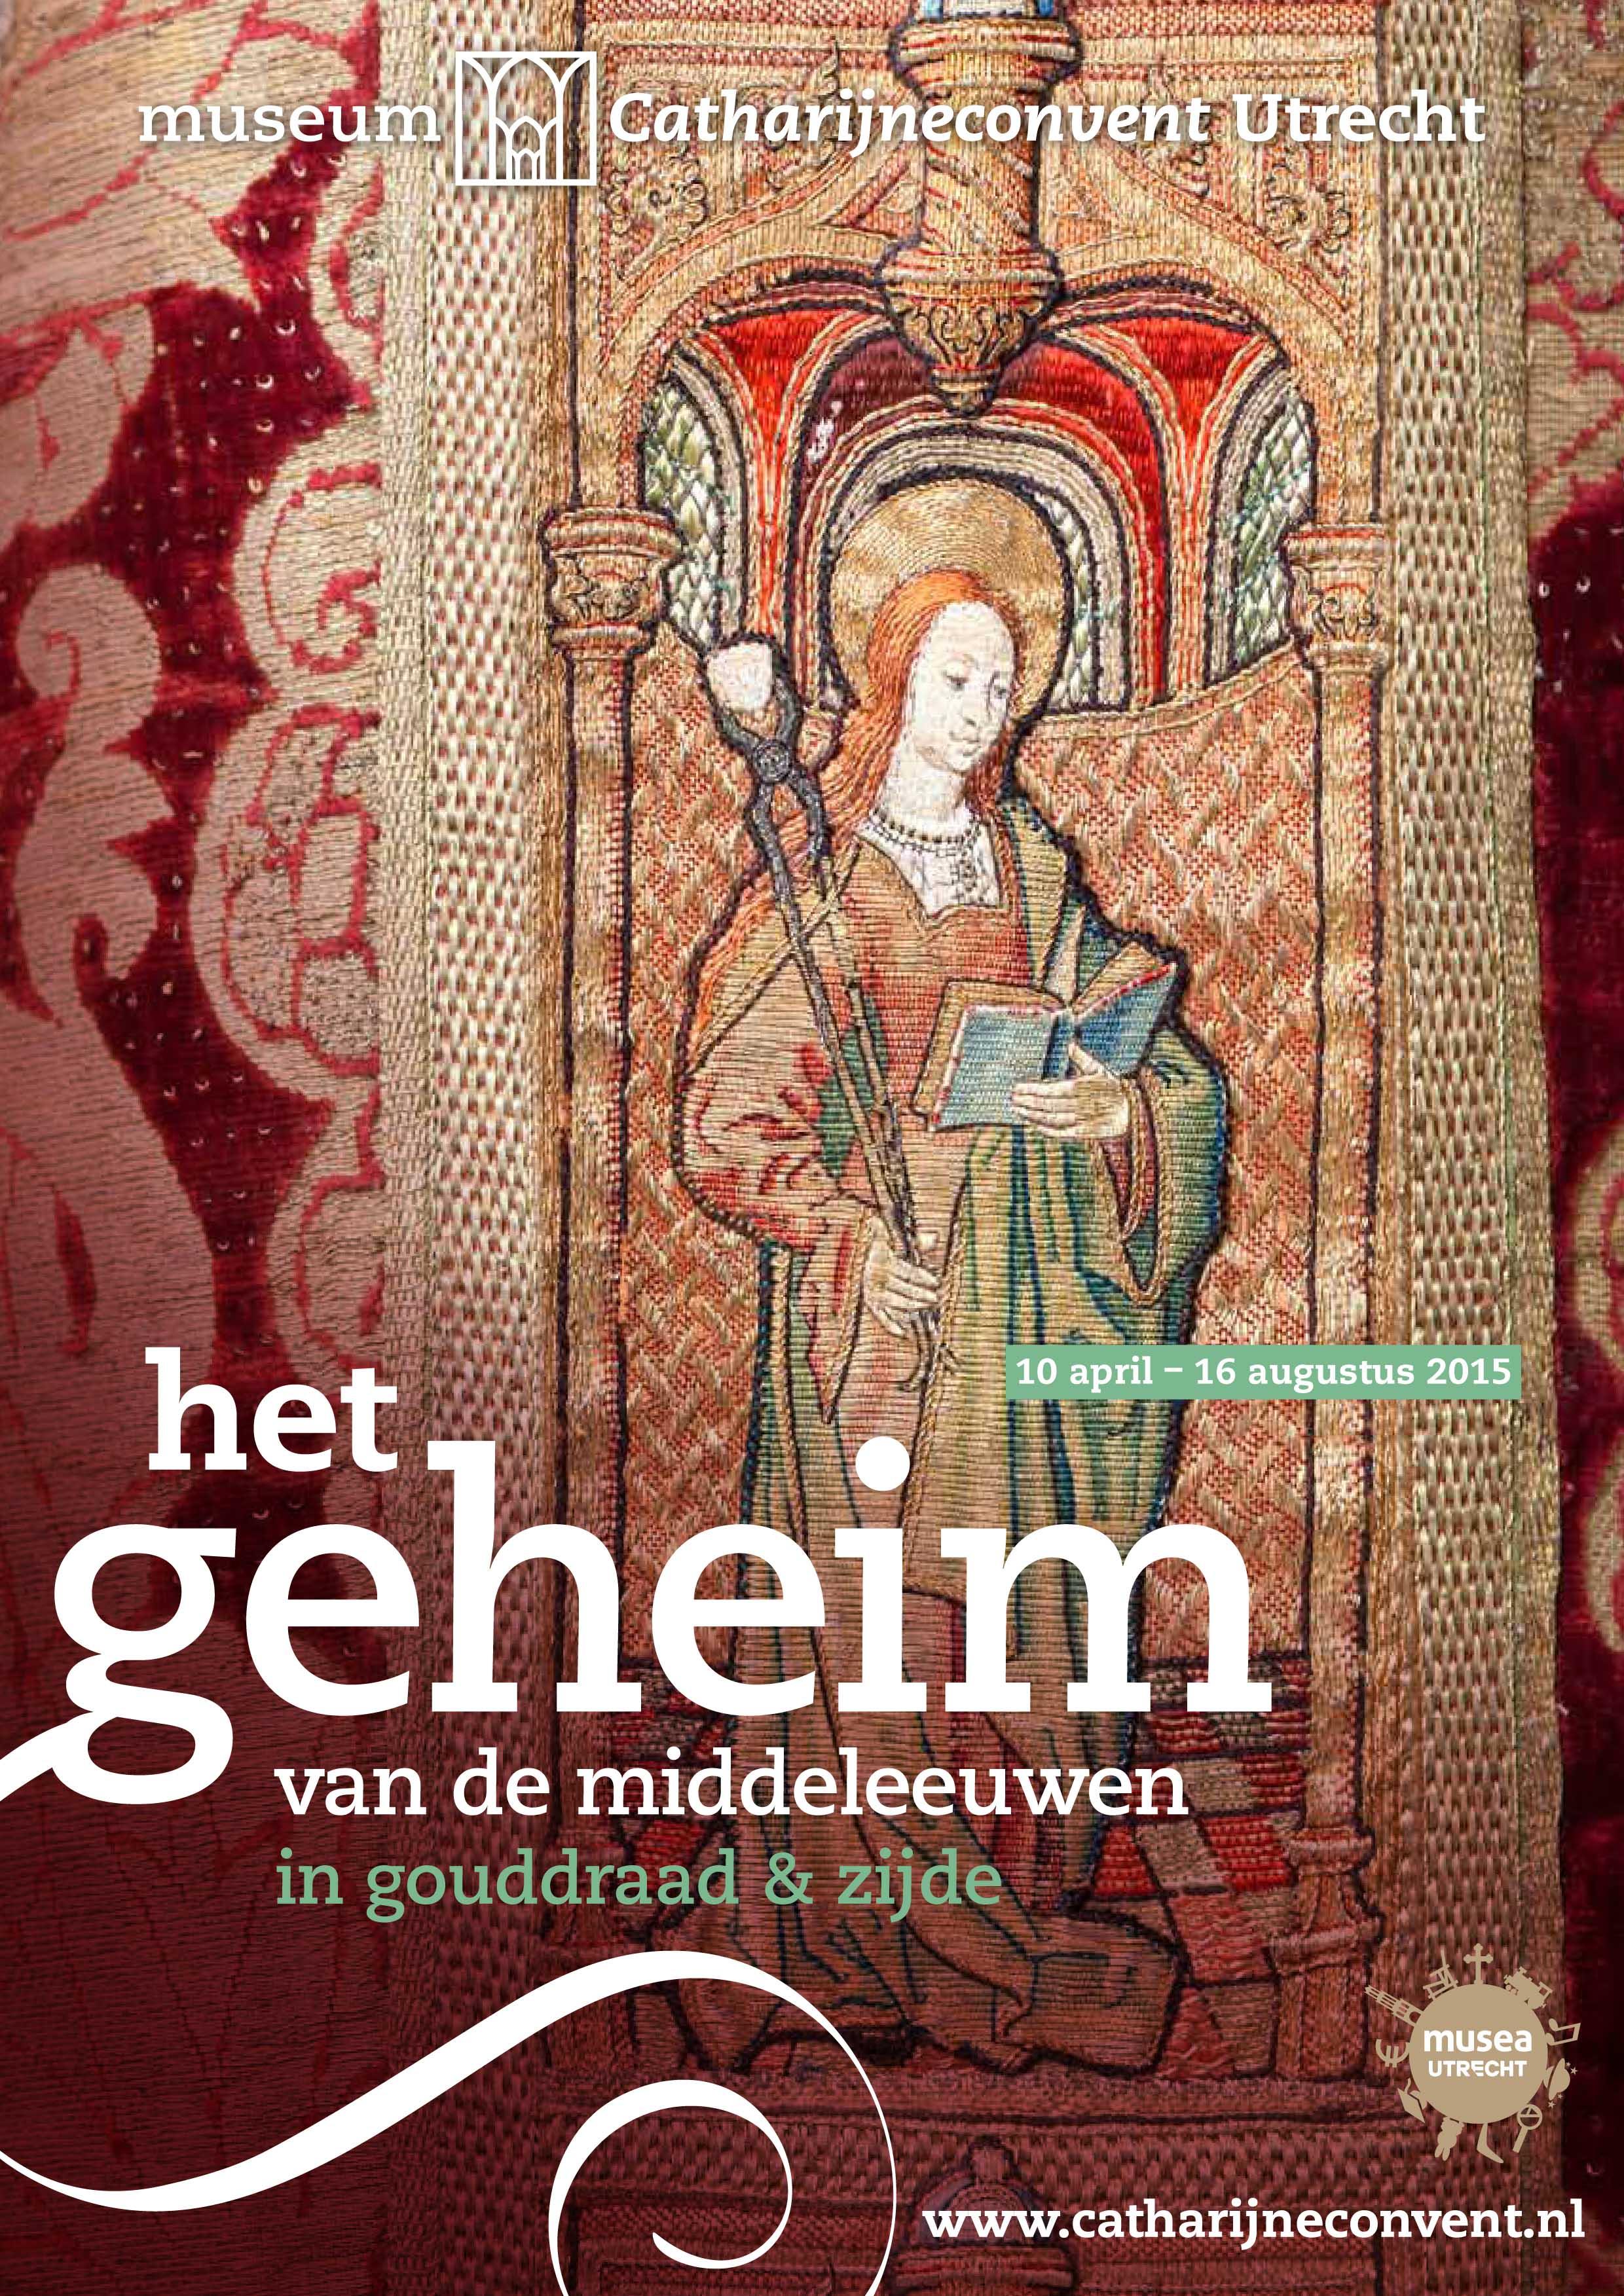 1 Affichebeeld voor Het geheim van de Middeleeuwen in gouddraad en zijde, Museum Catharijneconvent, Utrecht